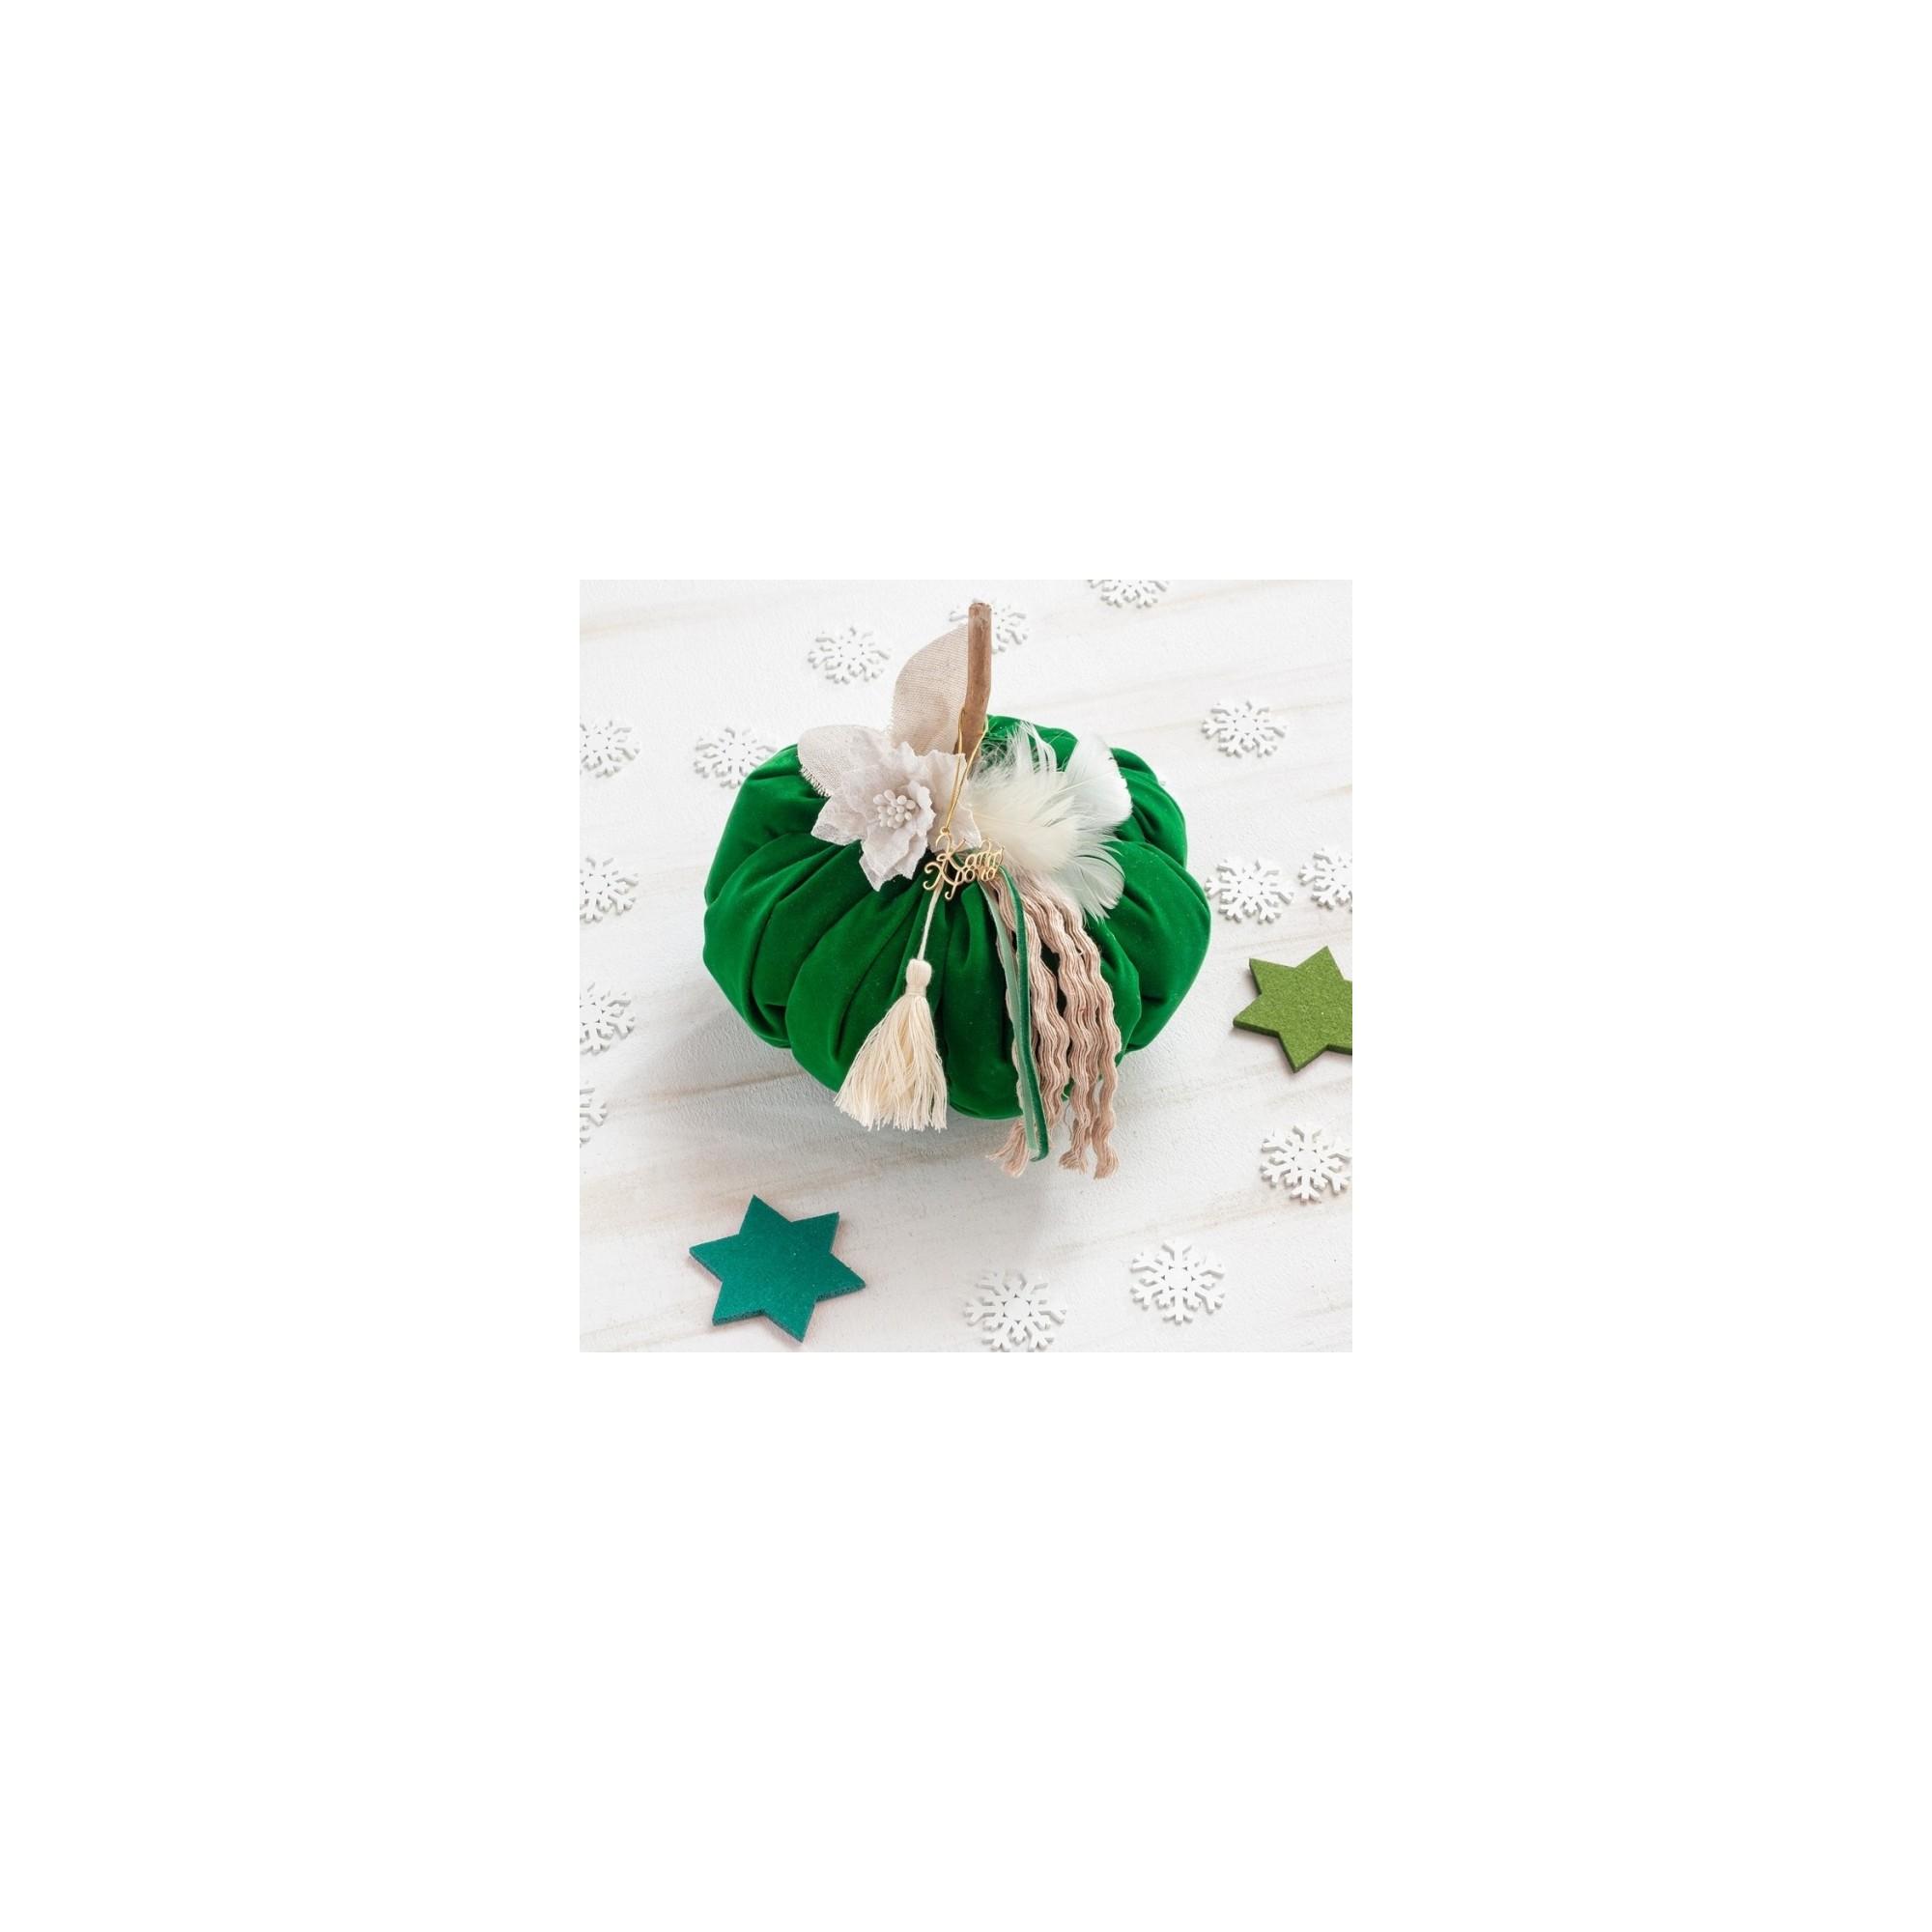 Χριστουγεννιάτικη Διακοσμητική κολοκύθα - PAR-14800